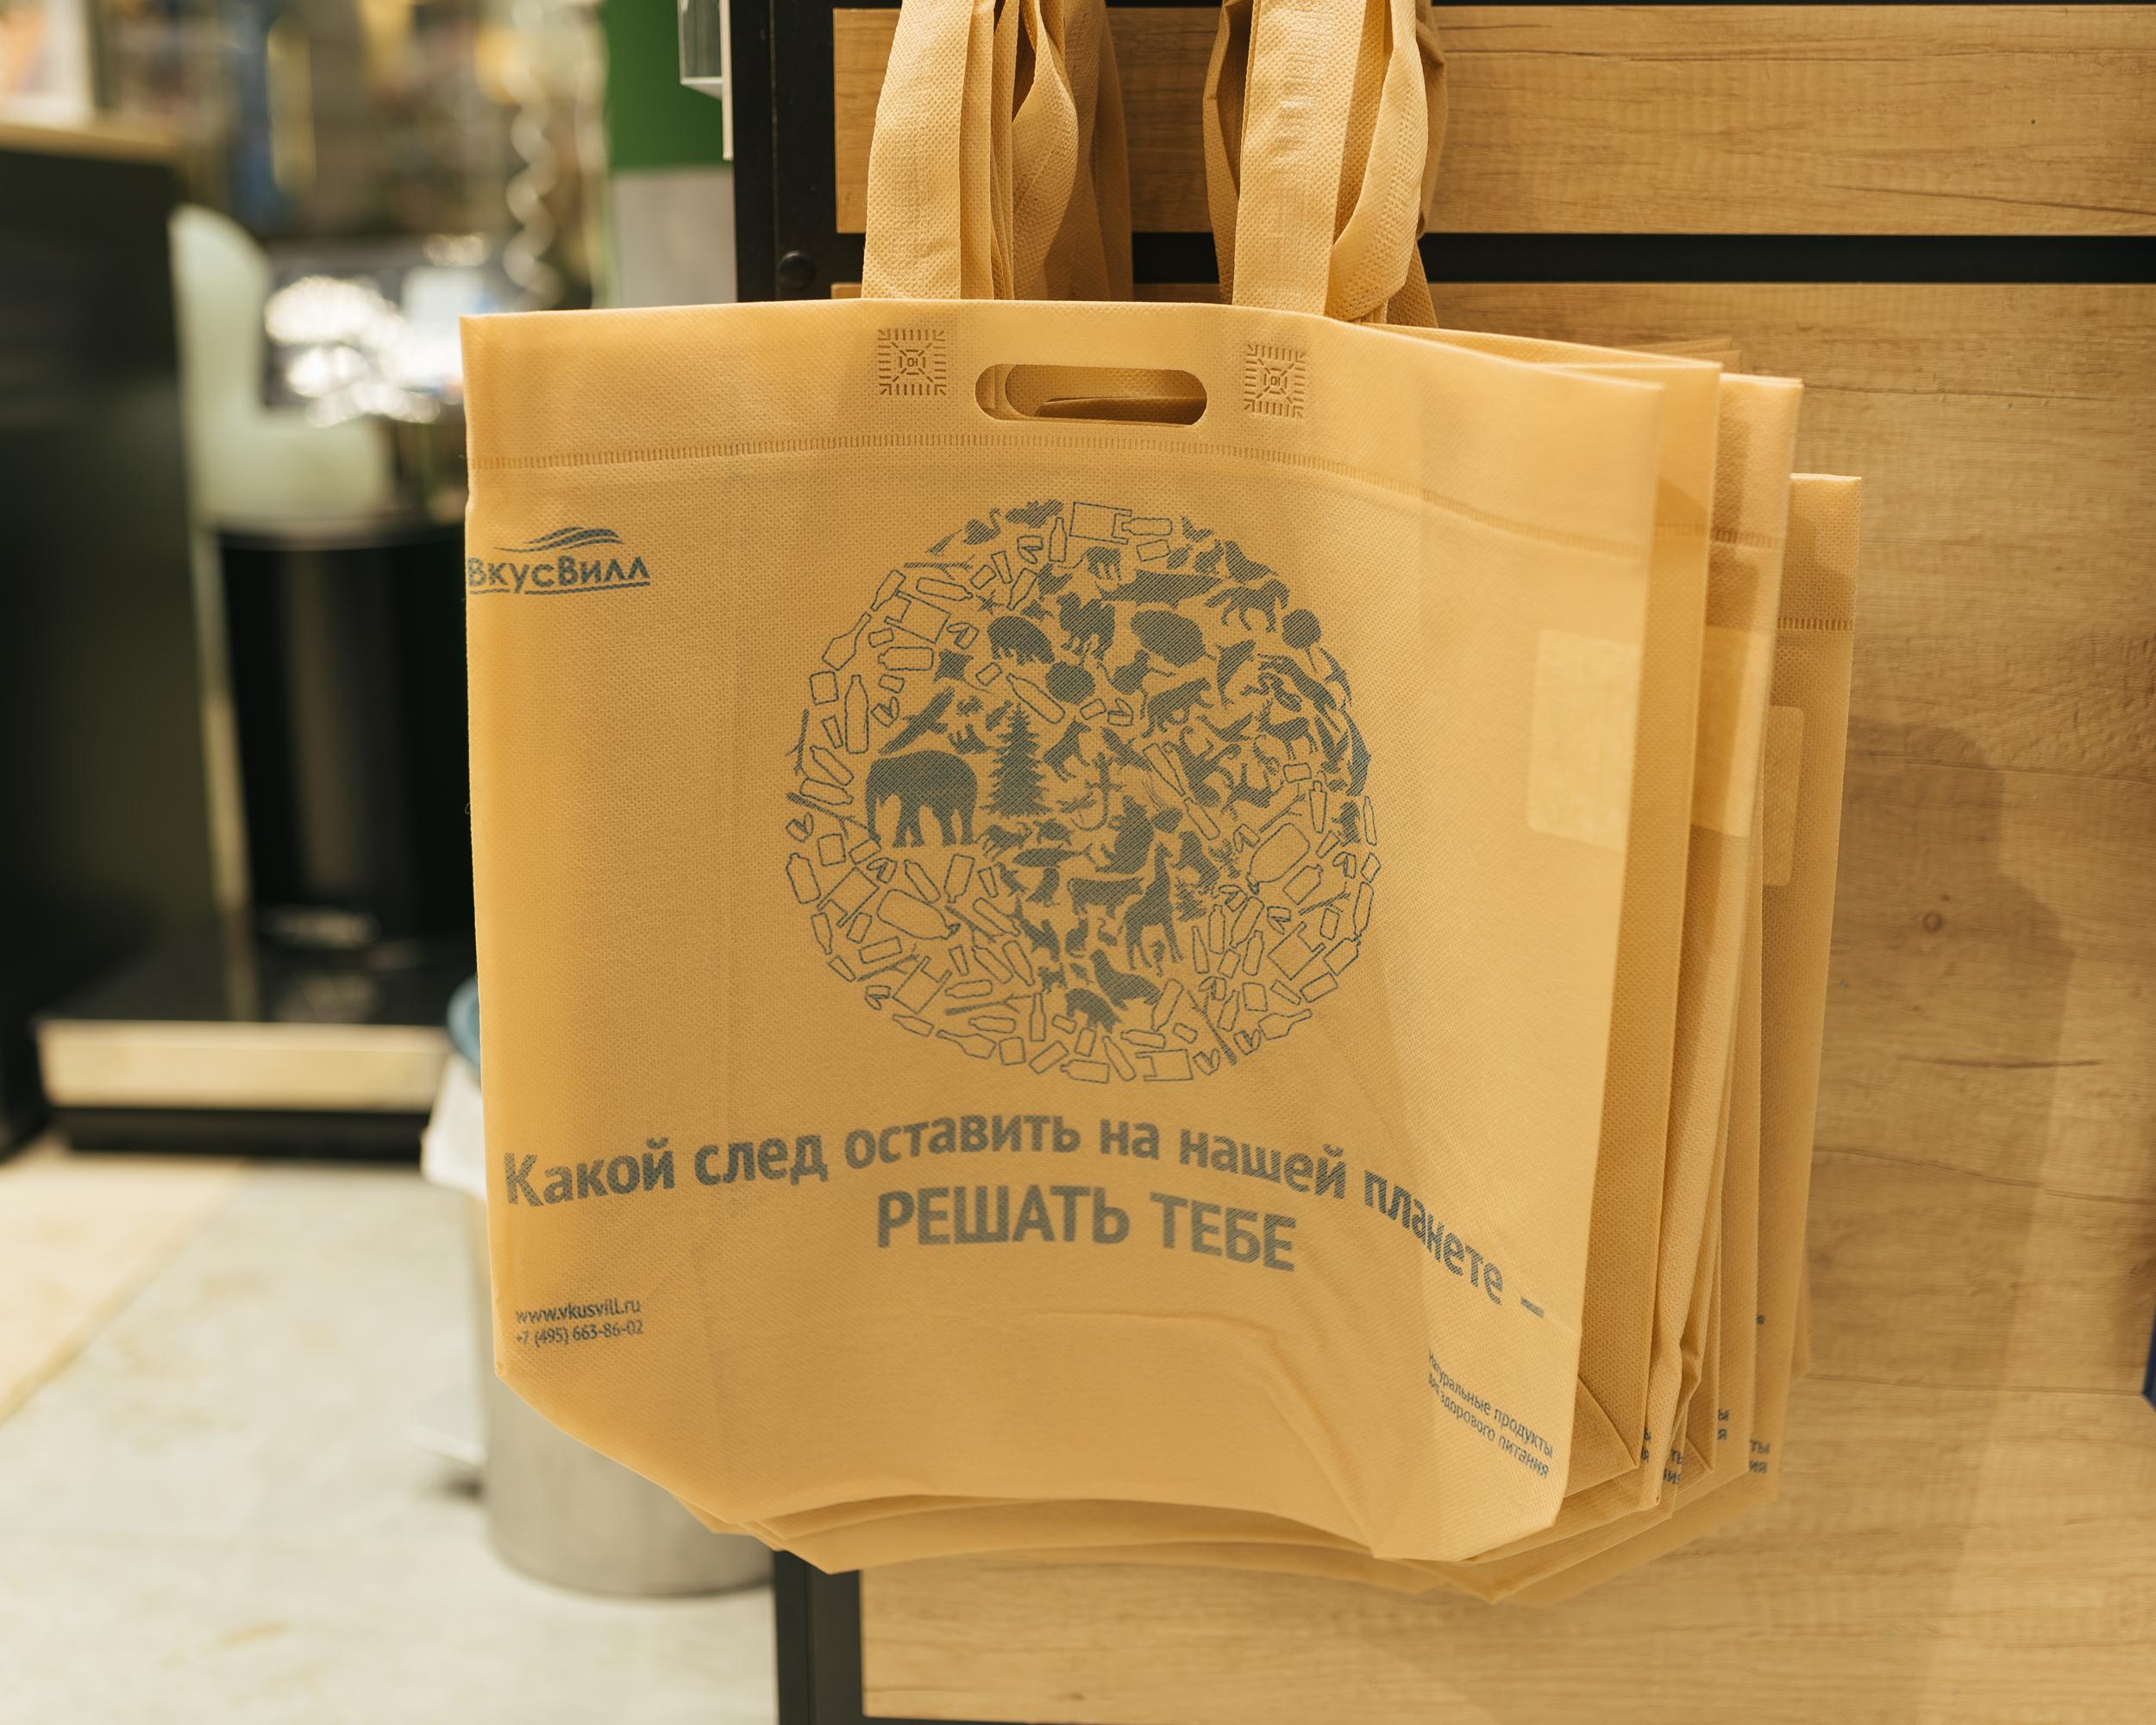 Натуральность во всём: вместо обычных пакетов в магазине можно купить экосумку